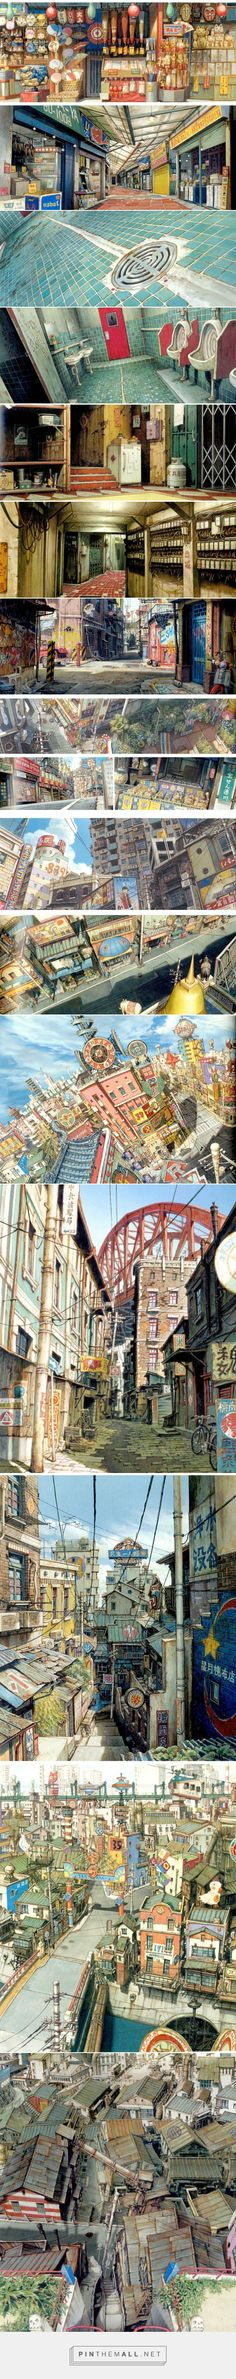 Mais um pouco dos incríveis cenários de TekkonKinkreet | THECAB - The Concept Art Blog - created via http://pinthemall.net